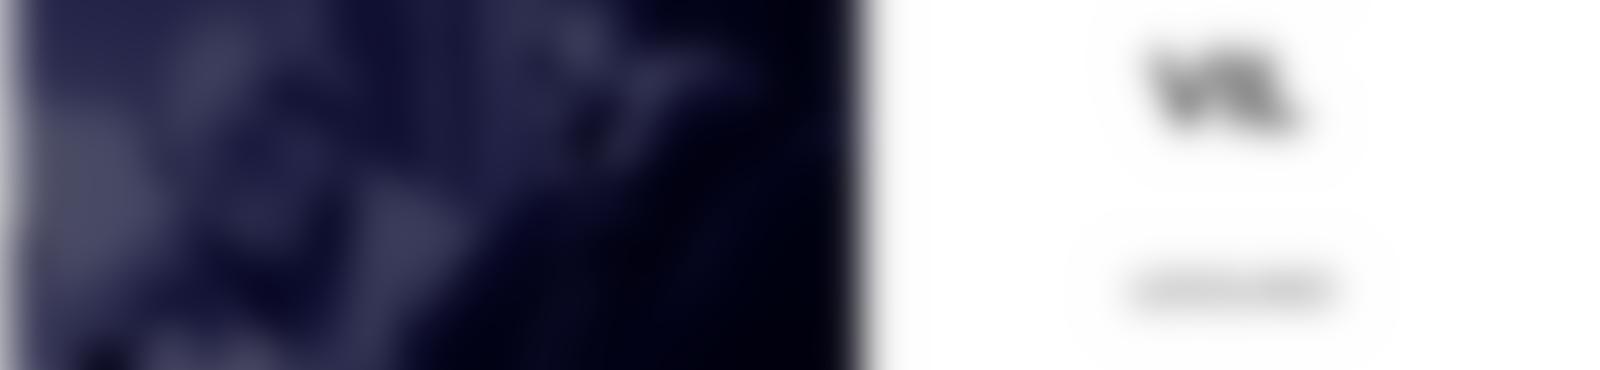 Blurred 5f949602 ab16 4258 858f b3bab698fcdc